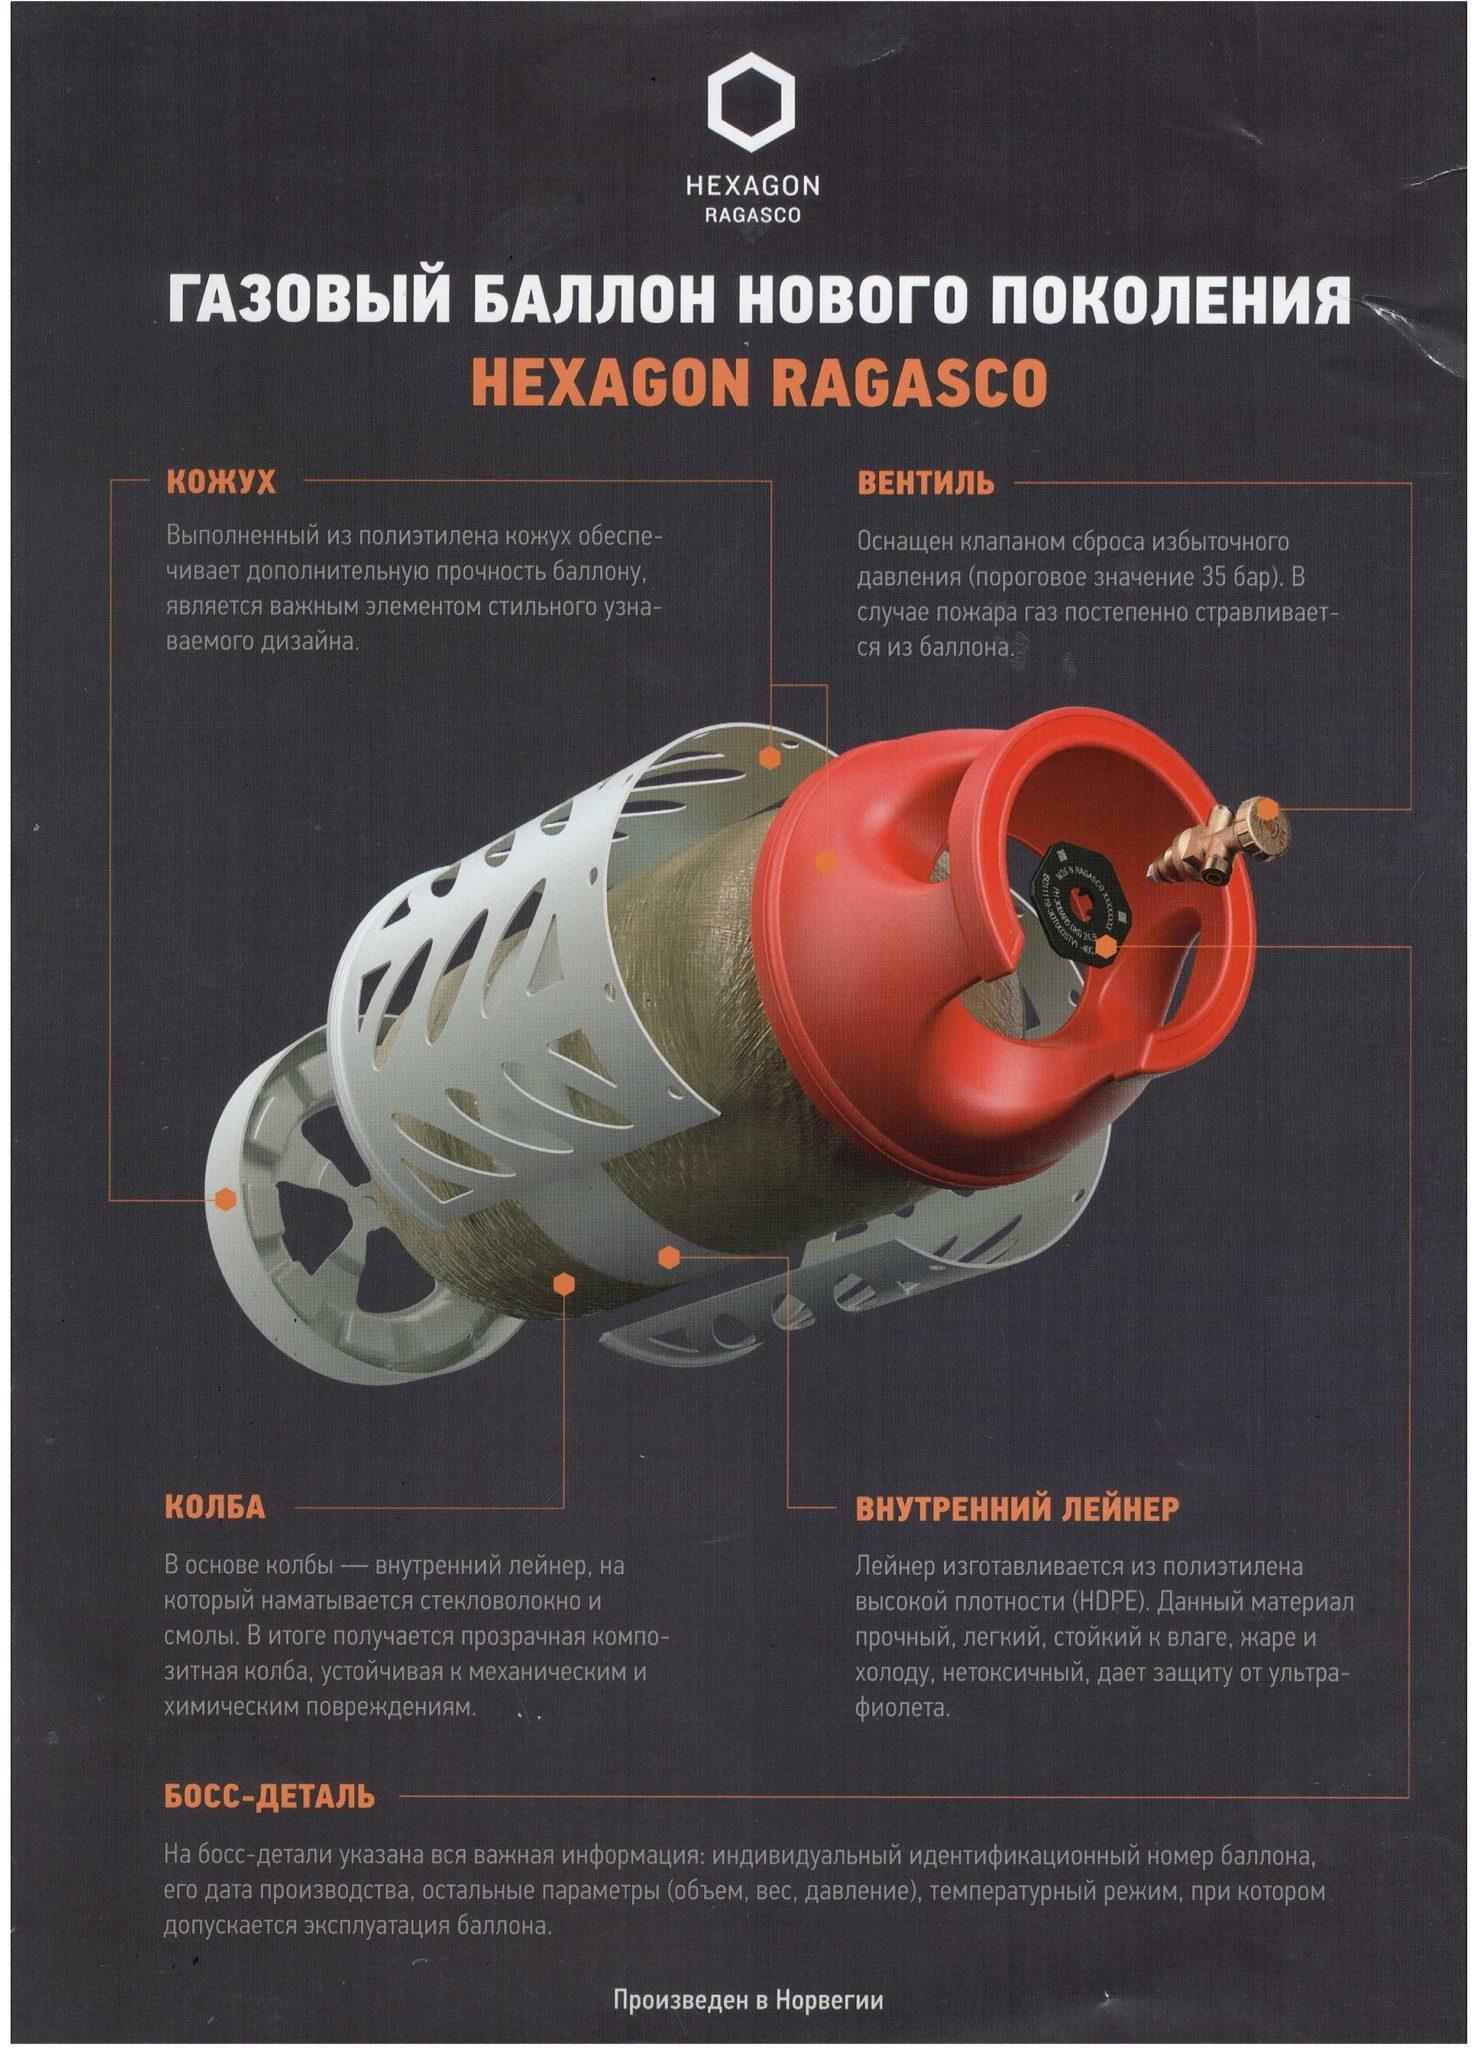 Технические характеристики полимерных баллонов Hexagon Ragasco